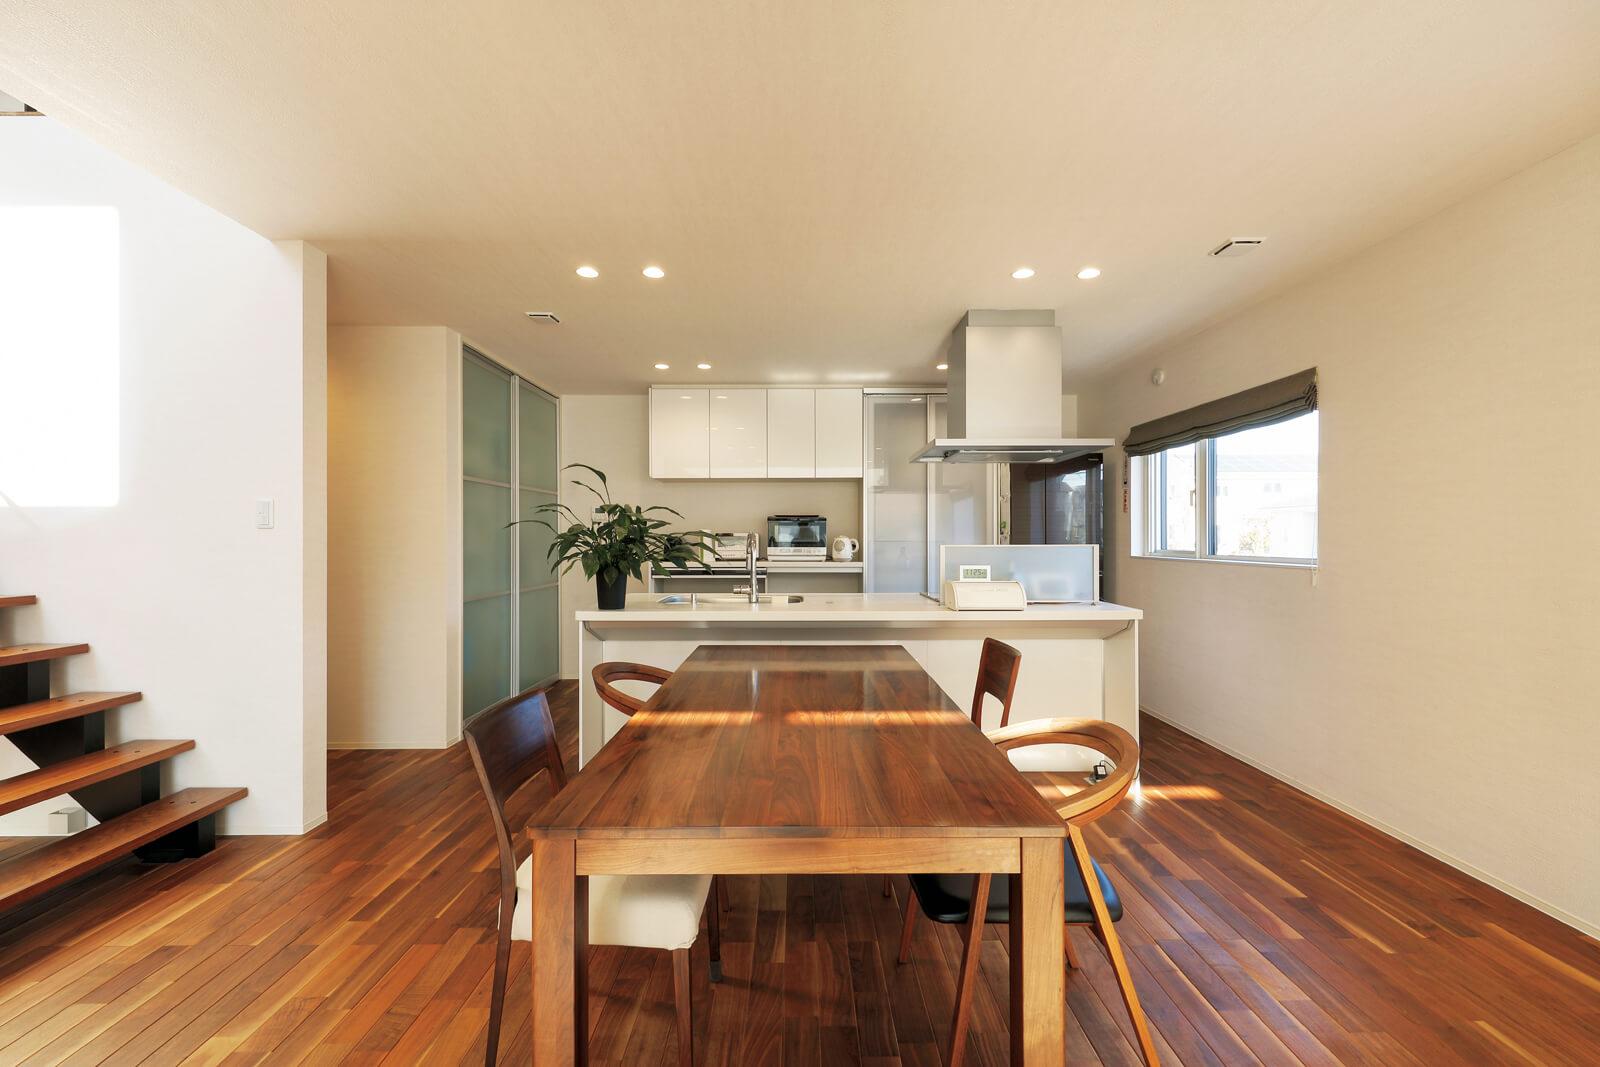 キッチンはアイランド型。床材に会わせダイニングのイスもウォールナット材で特注した。左奥、階段の裏手にトイレや洗面室などの水まわりを集約